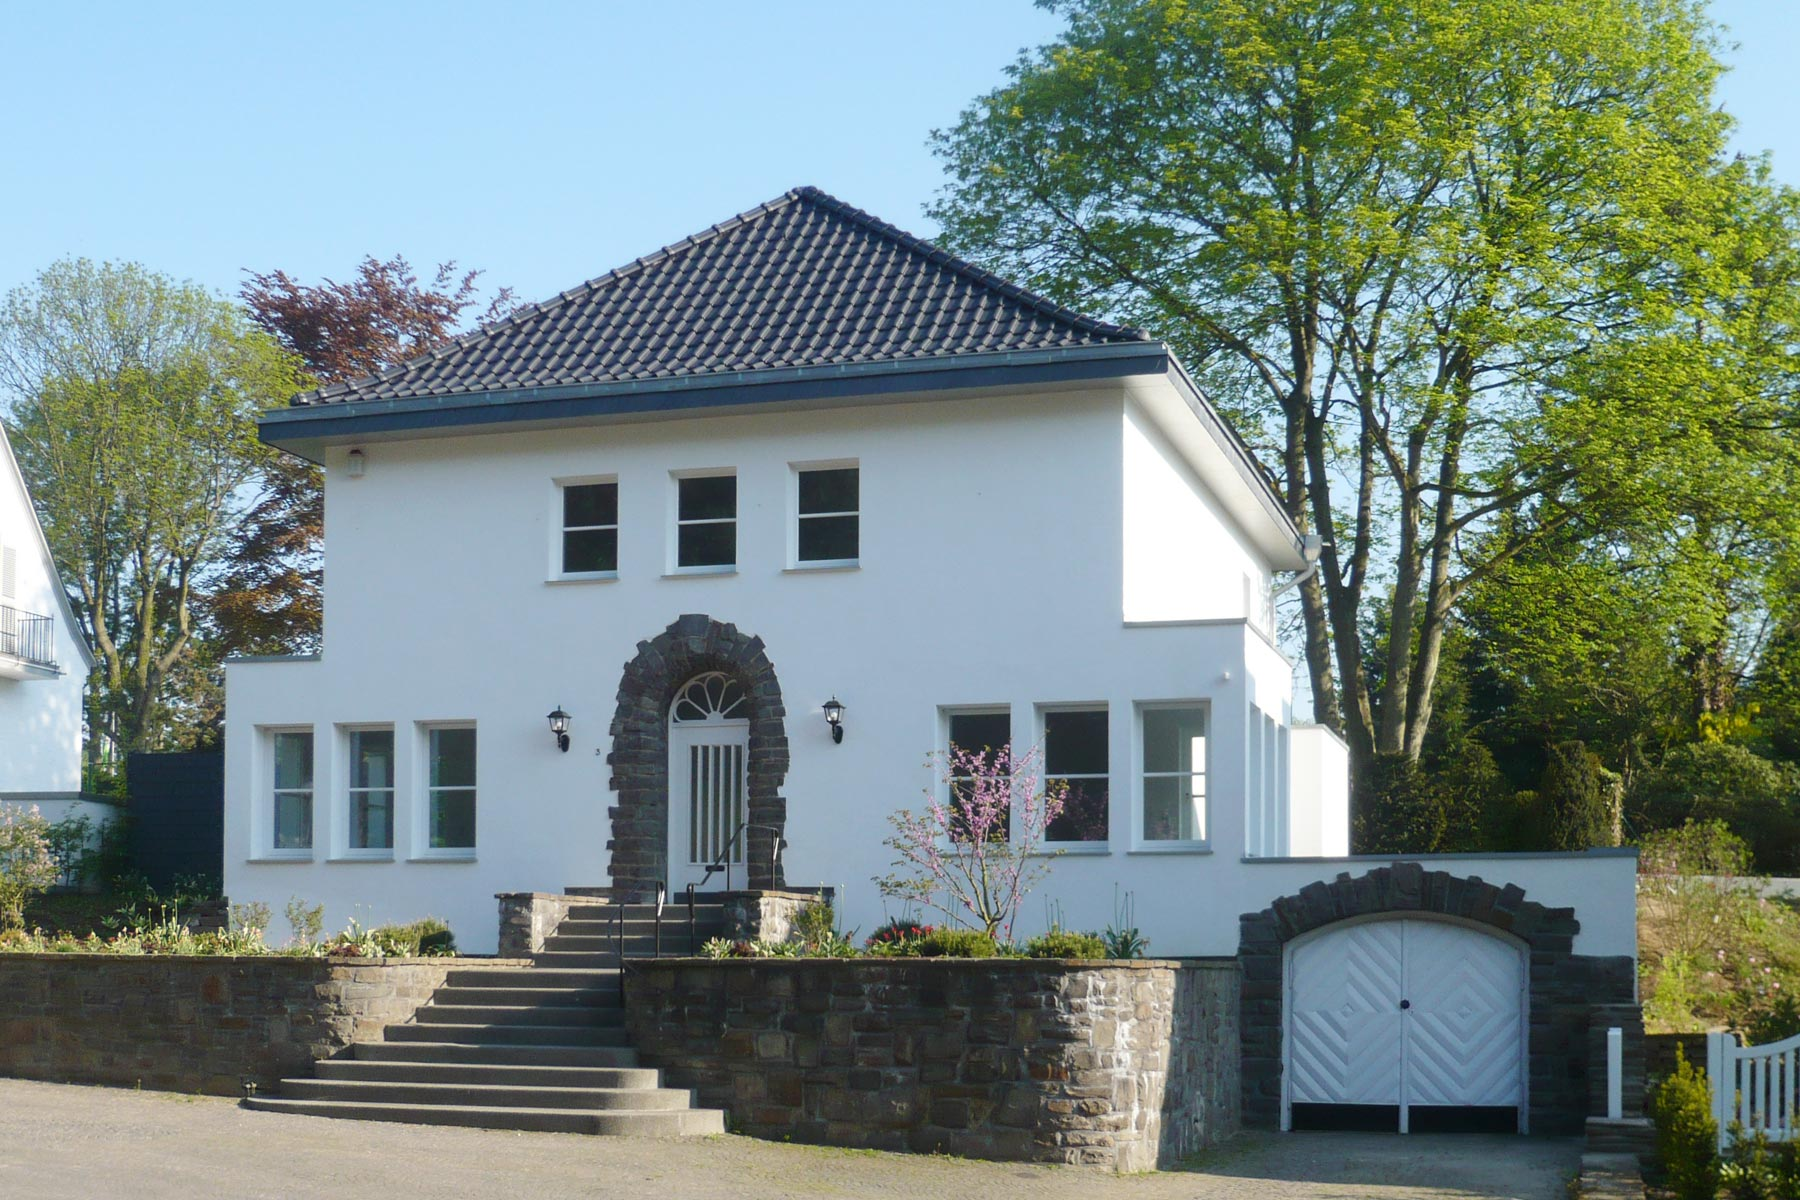 Architekten Mönchengladbach 128 architekturbüro schrötgens architekt in mönchengladbach